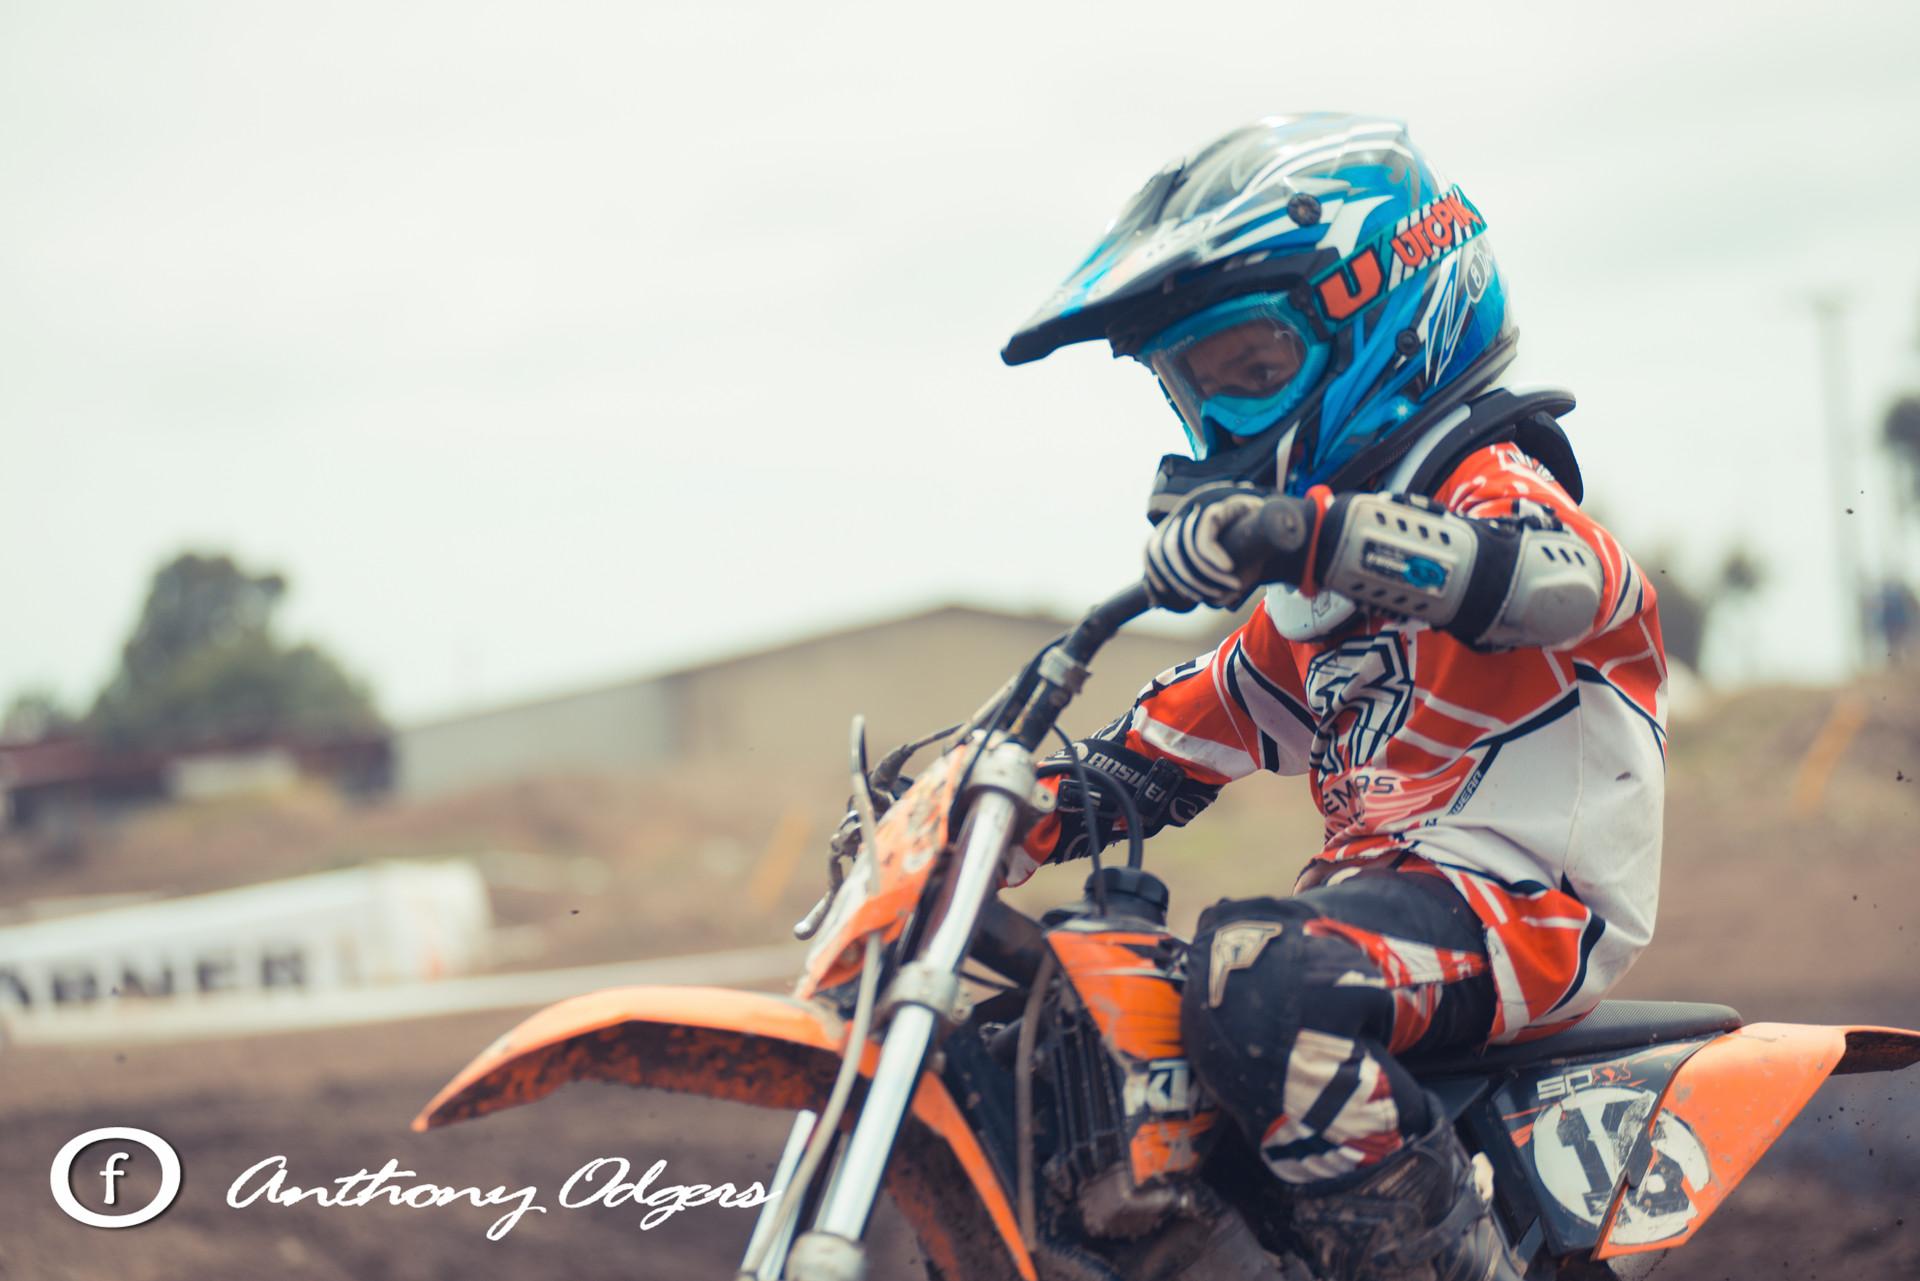 2013-01-06-Motocross Enduro-37.jpg